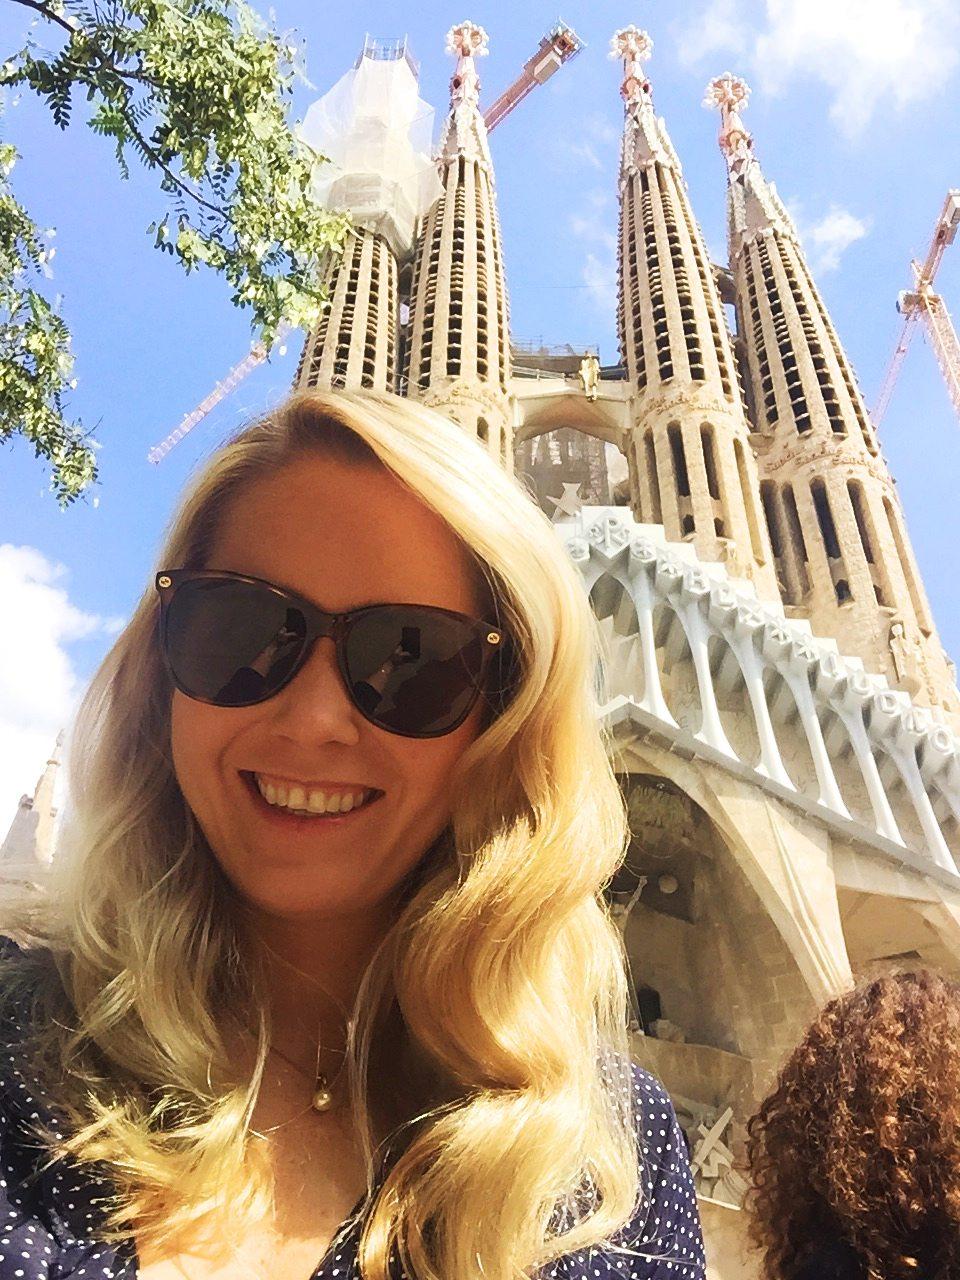 Me taking a selfie in the sun at La Sagrada Familia